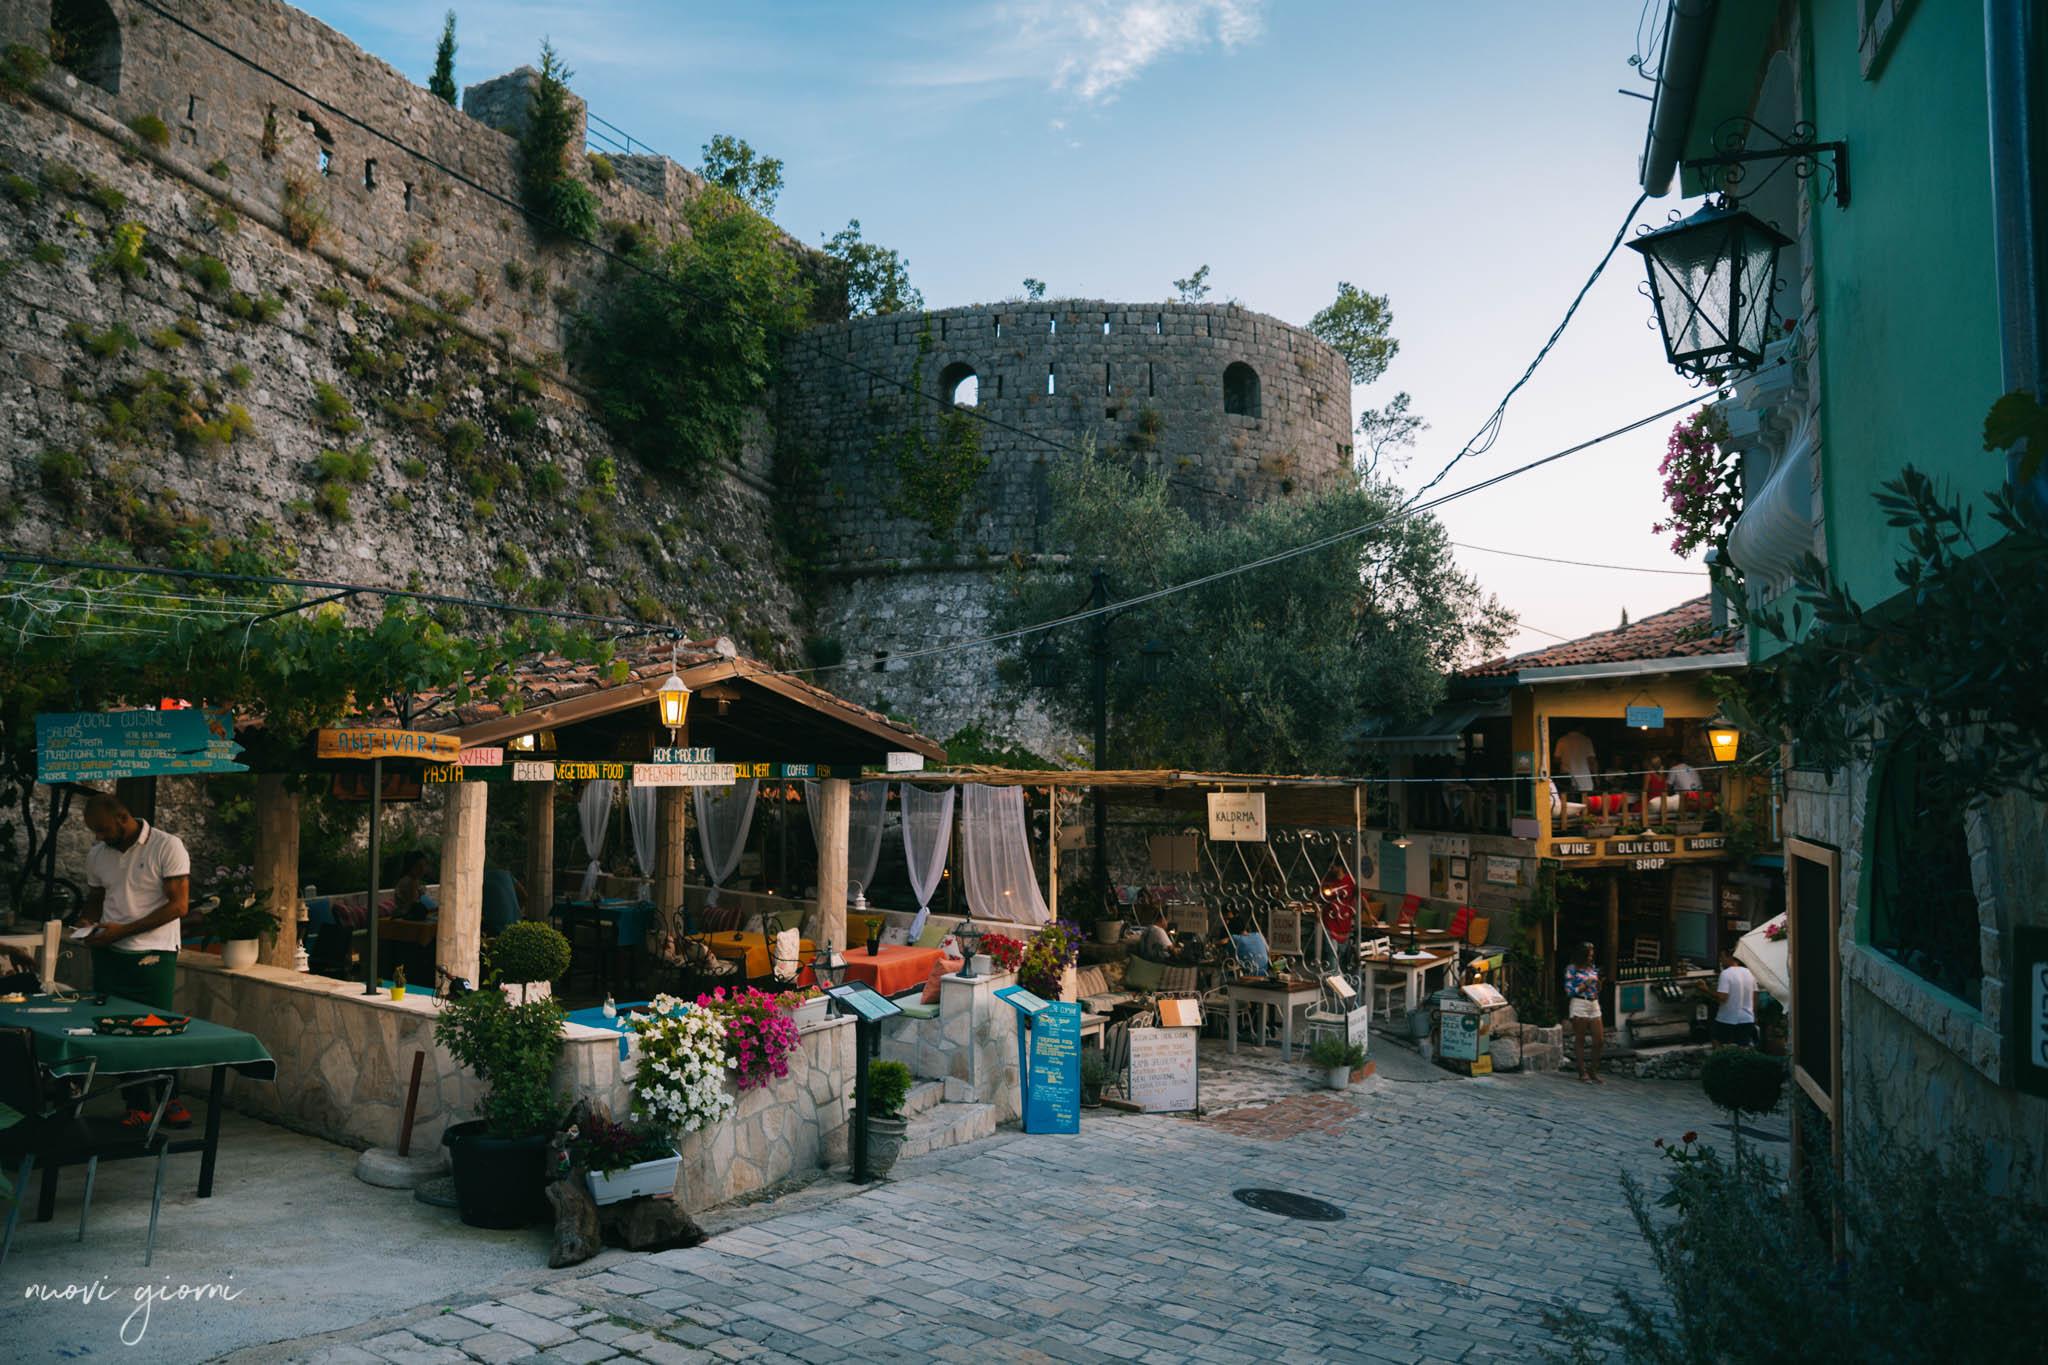 montenegro vacanza caicco gulet cruise nuovi giorni blog 59